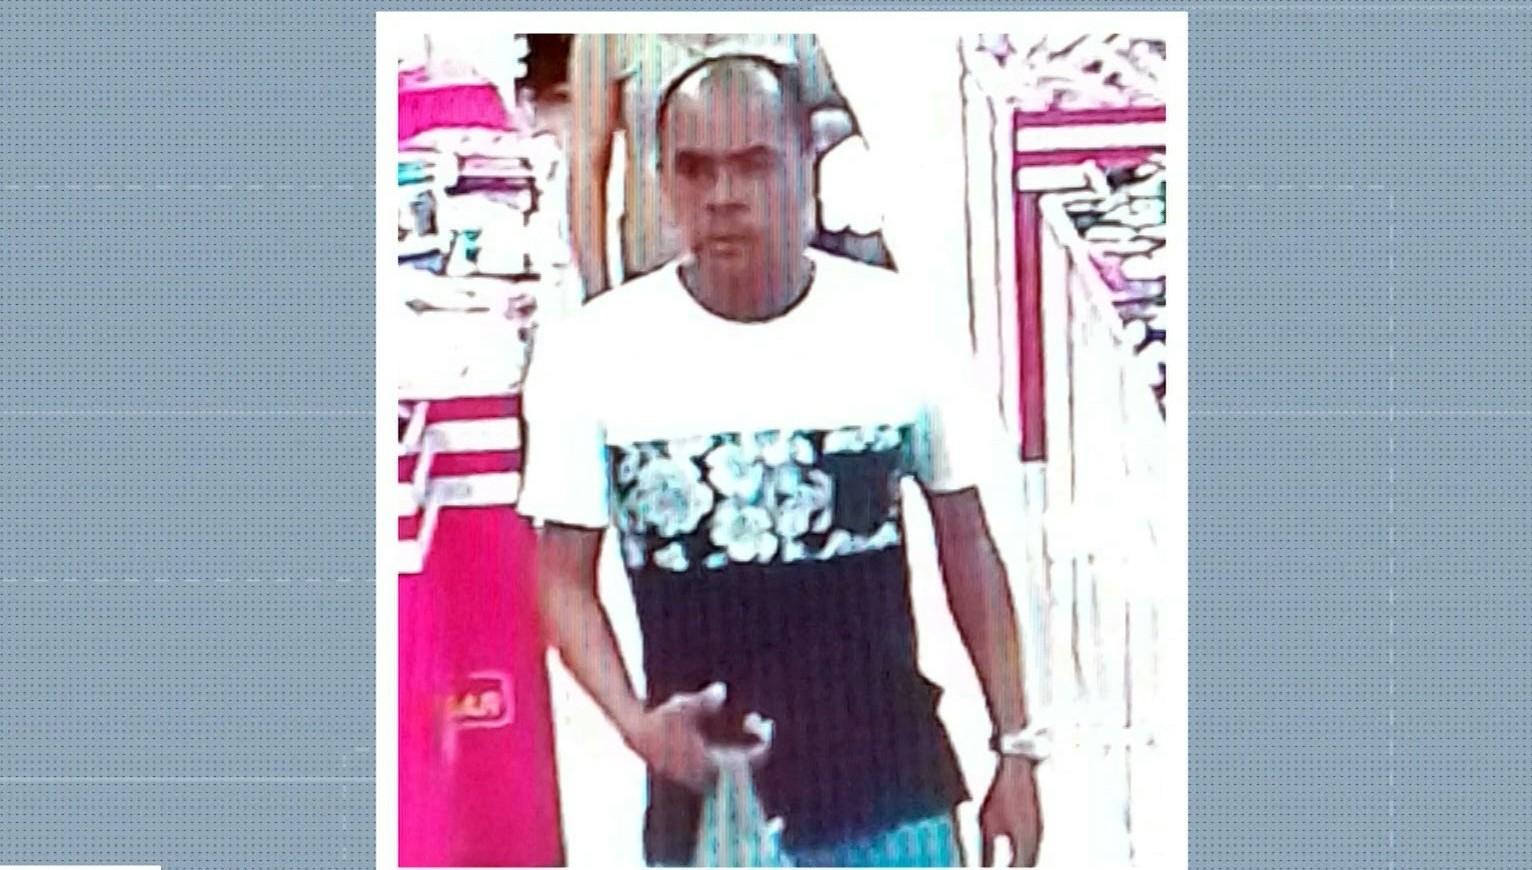 Suspeito de roubo em farmácia é preso após ser flagrado por câmeras de segurança, na PB - Notícias - Plantão Diário